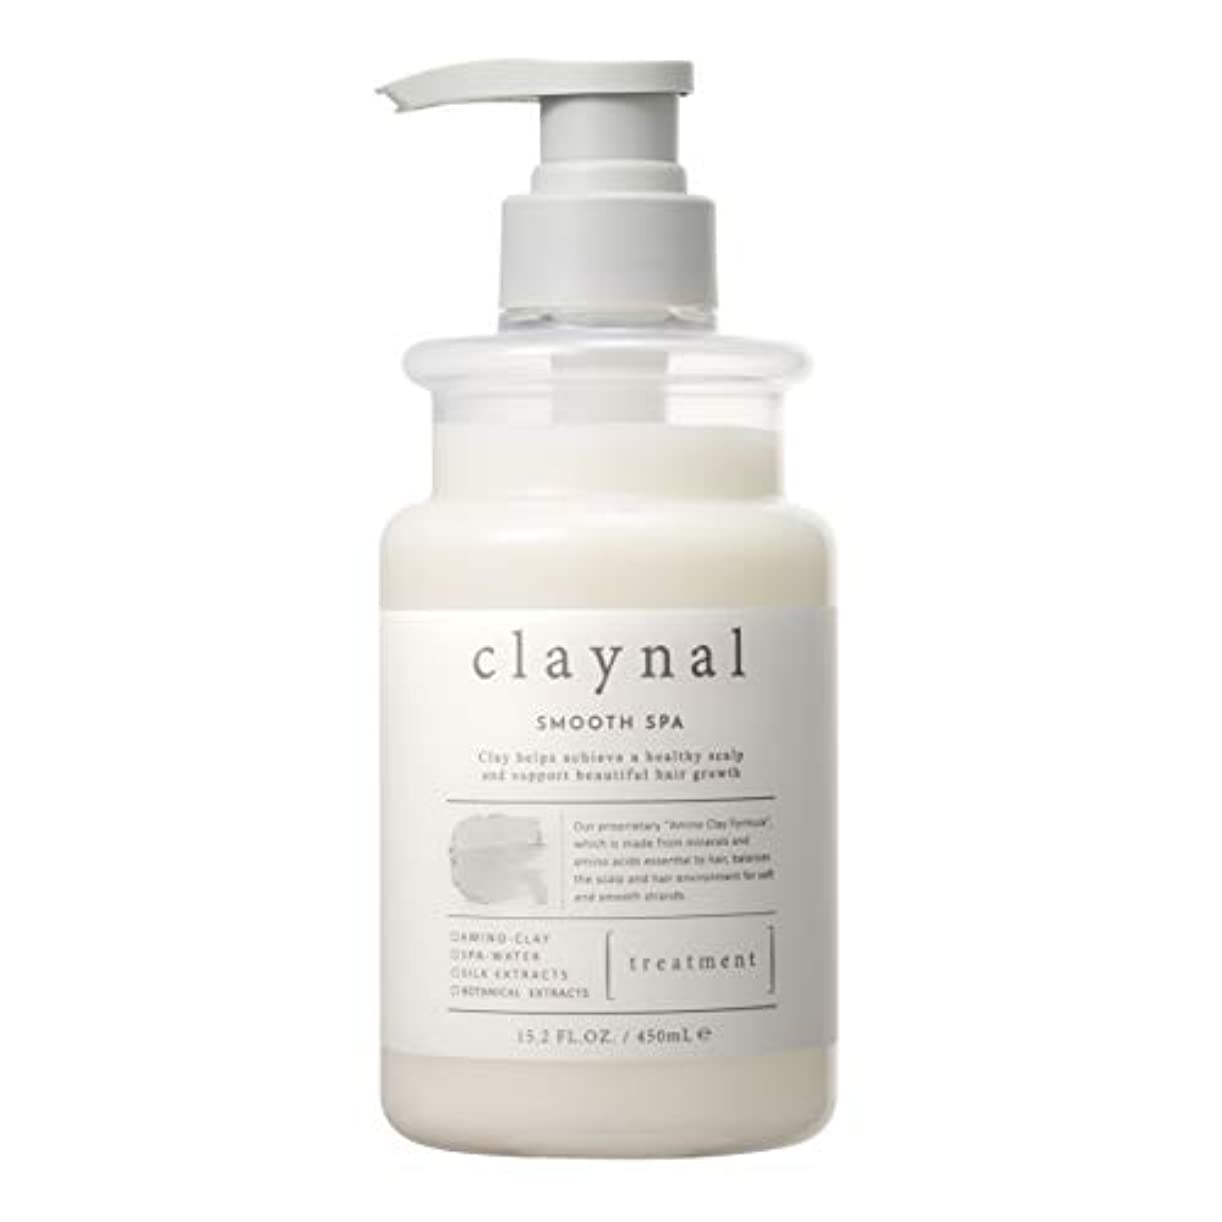 幸福のため素晴らしいですclaynal(クレイナル) クレイナル スムーススパトリートメント 450mL